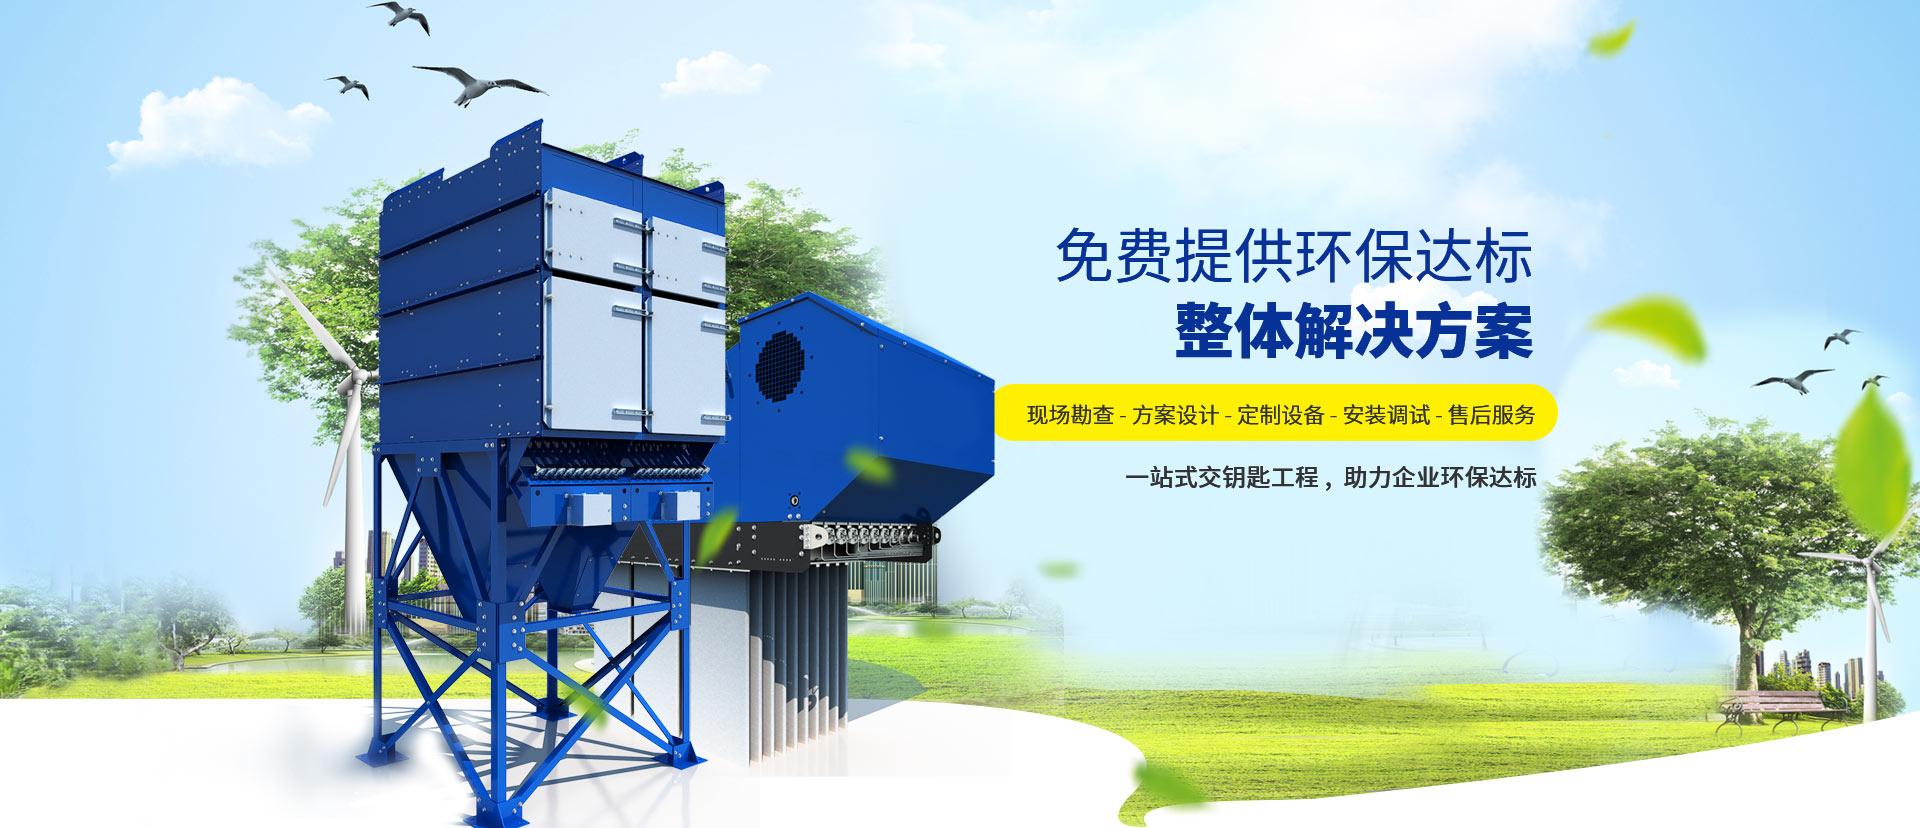 工业环保设备研发定制-二环环保